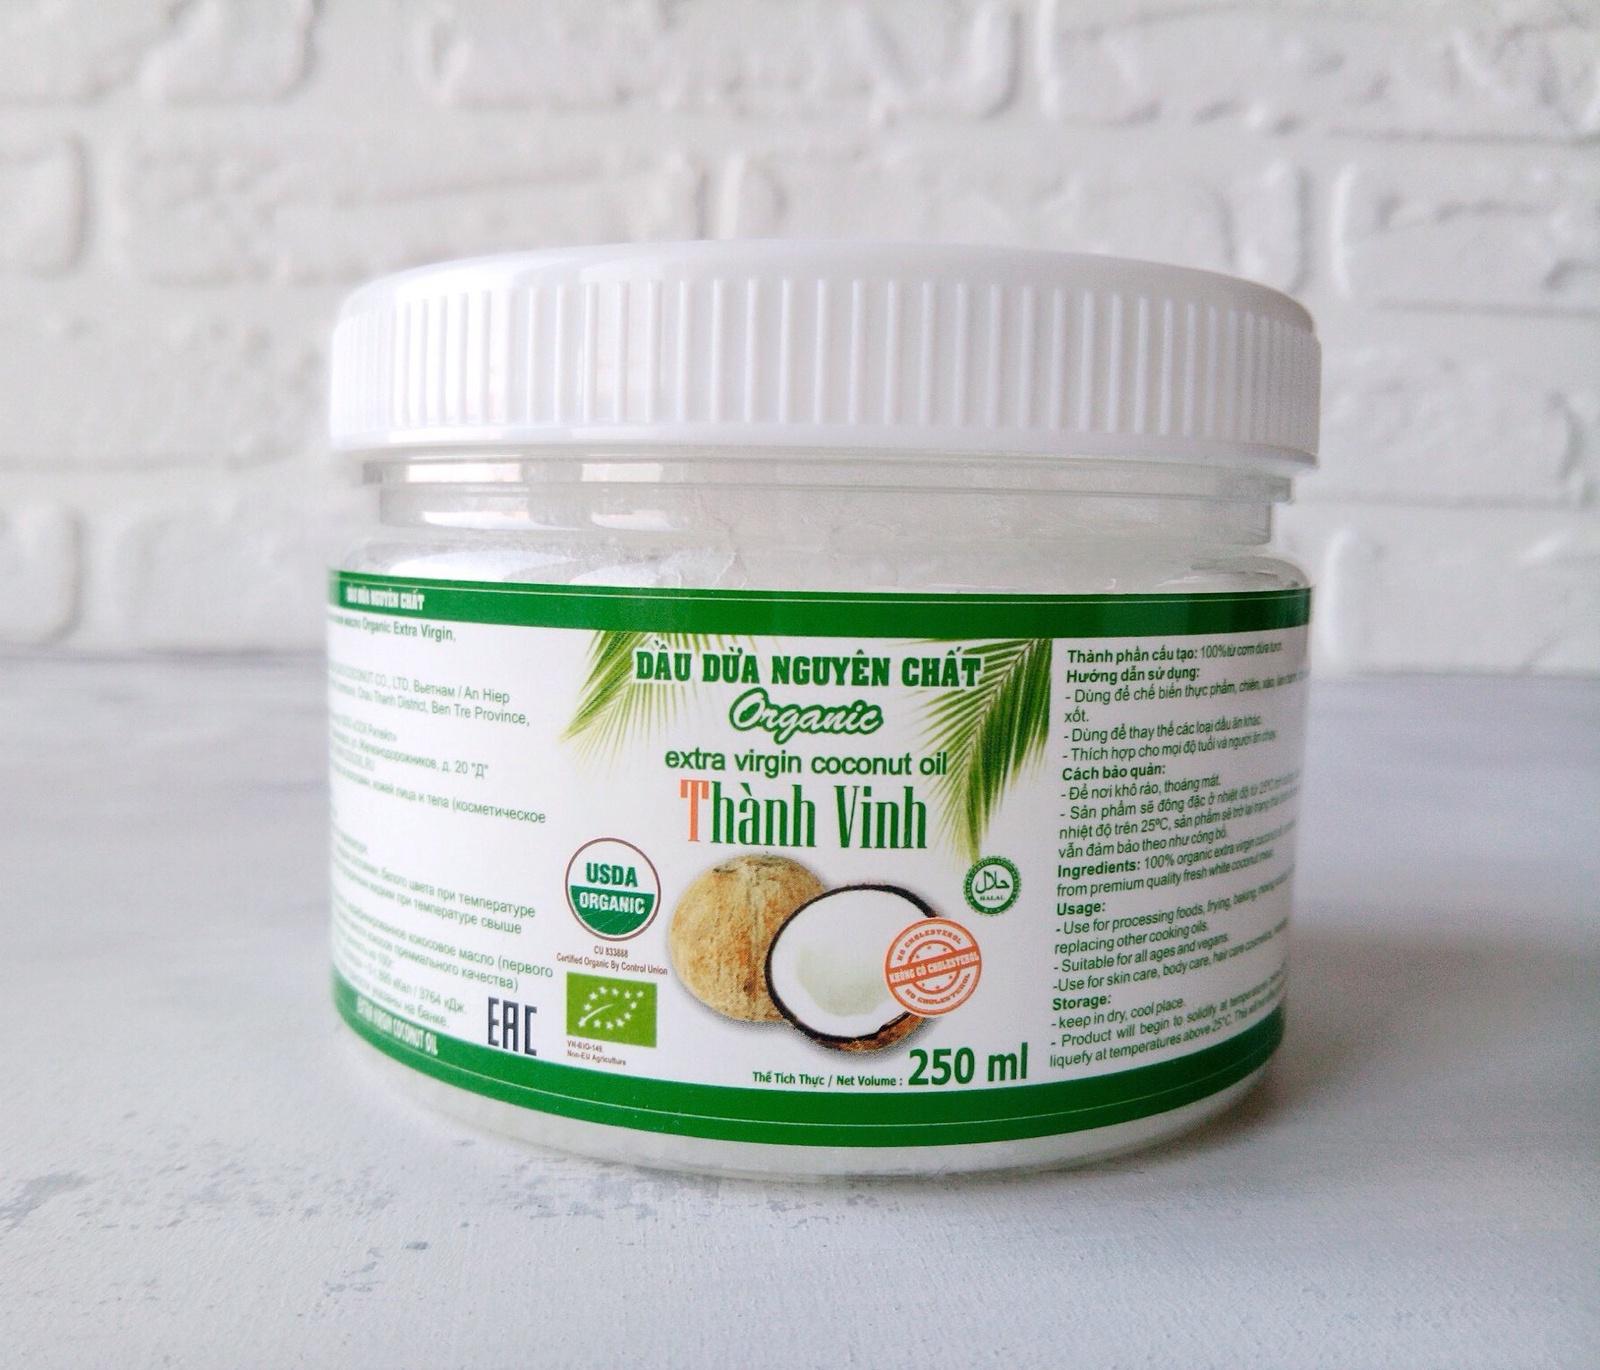 Масло косметическое Thanh Vinh Кокосовое масло натуральное Organic Extra Virgin, нерафинированное, холодного отжима, 250 мл alterna натуральное масло kendi для интенсивного ухода за волосами bamboo smooth 50 мл